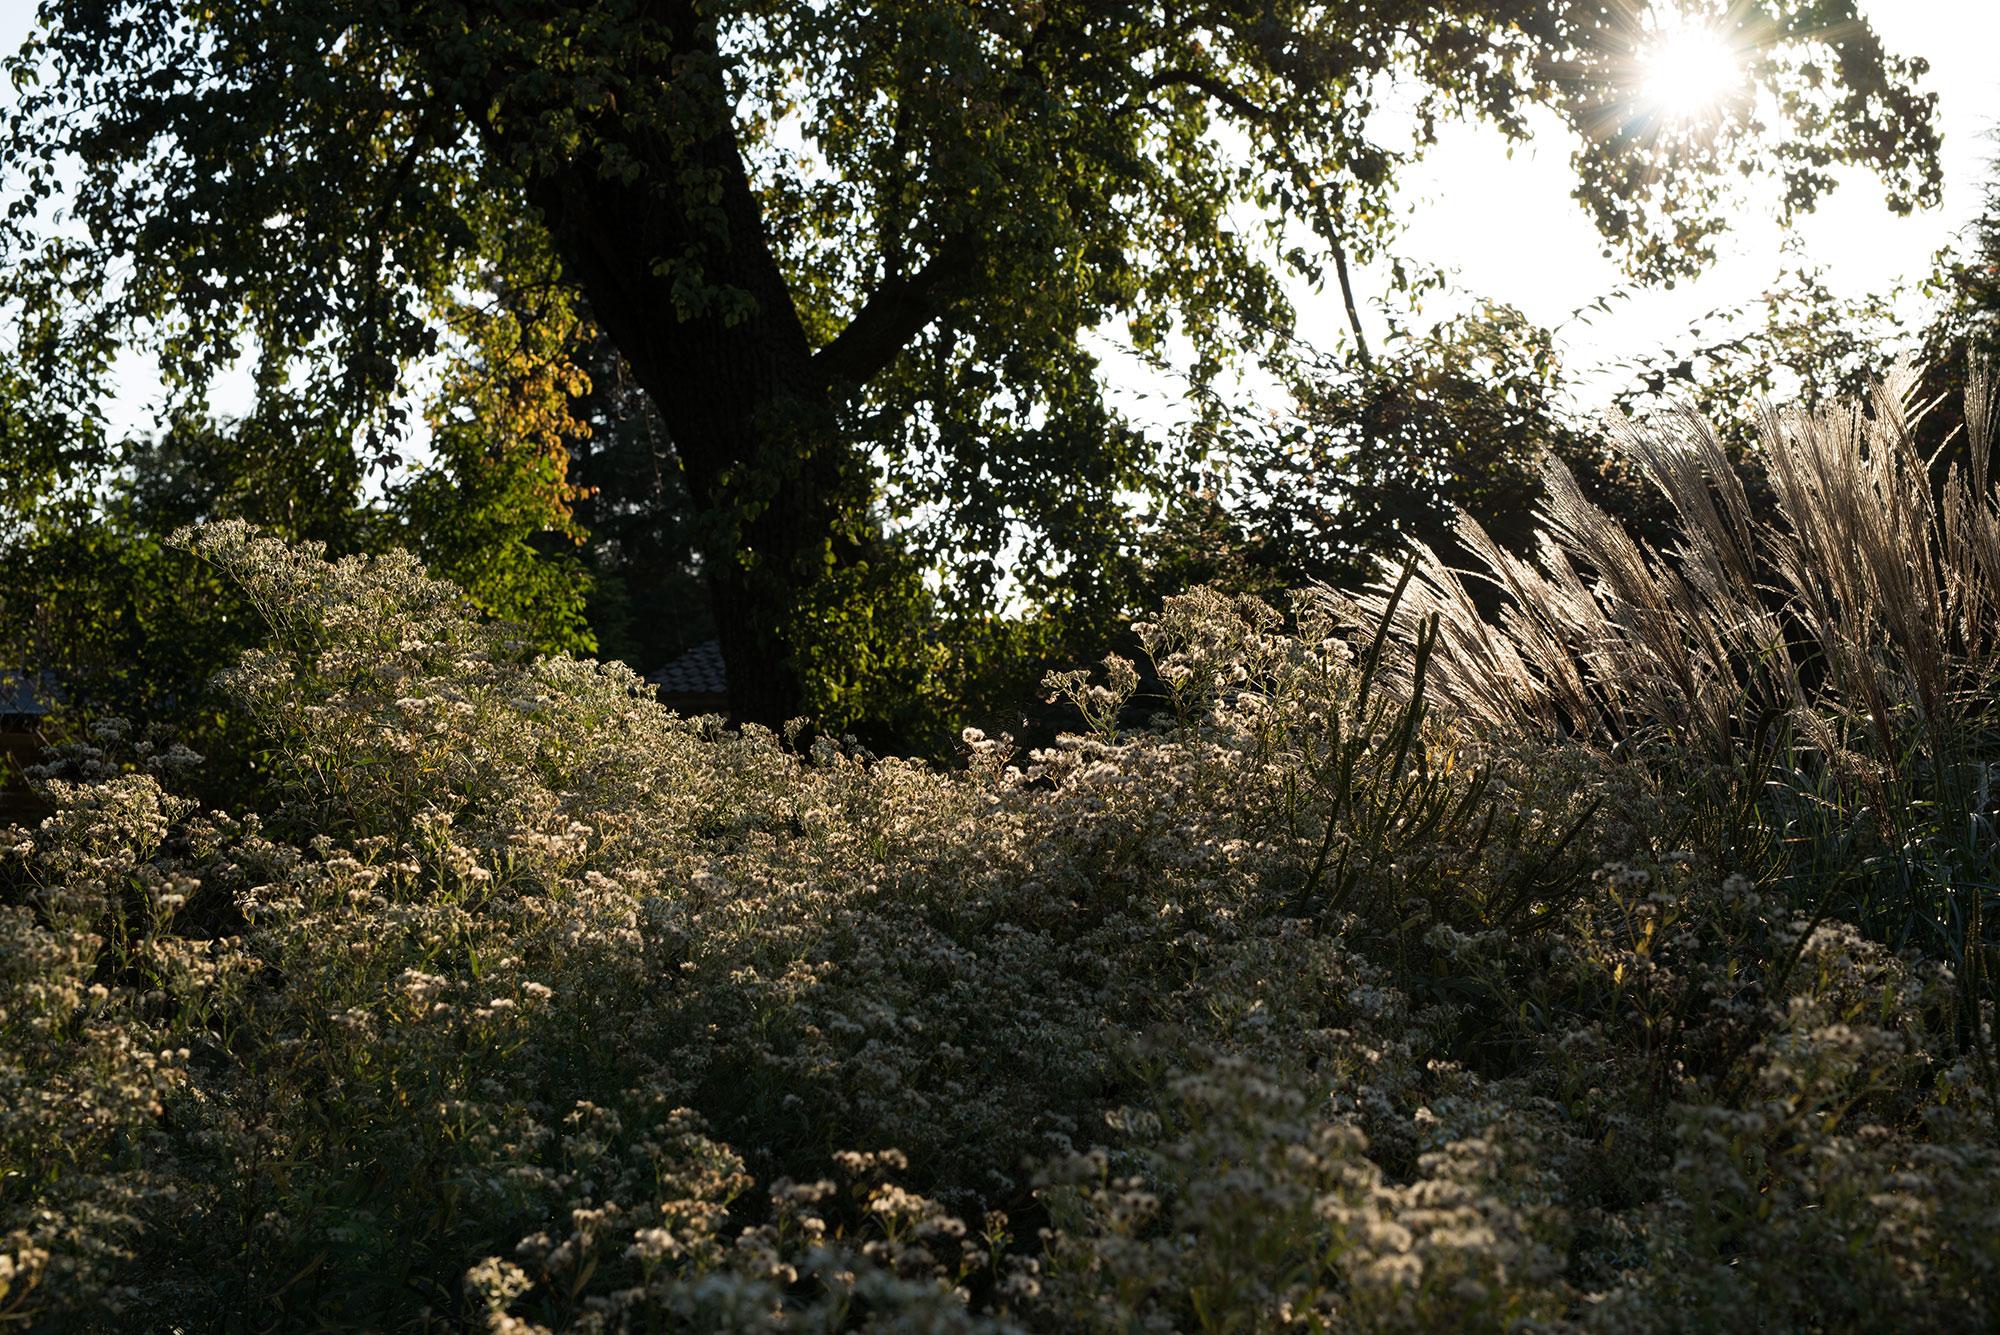 Doellingeria umbellata 'Weißer Schirm' (Doldige Aster) und Miscanthus sinensis 'Samurai'